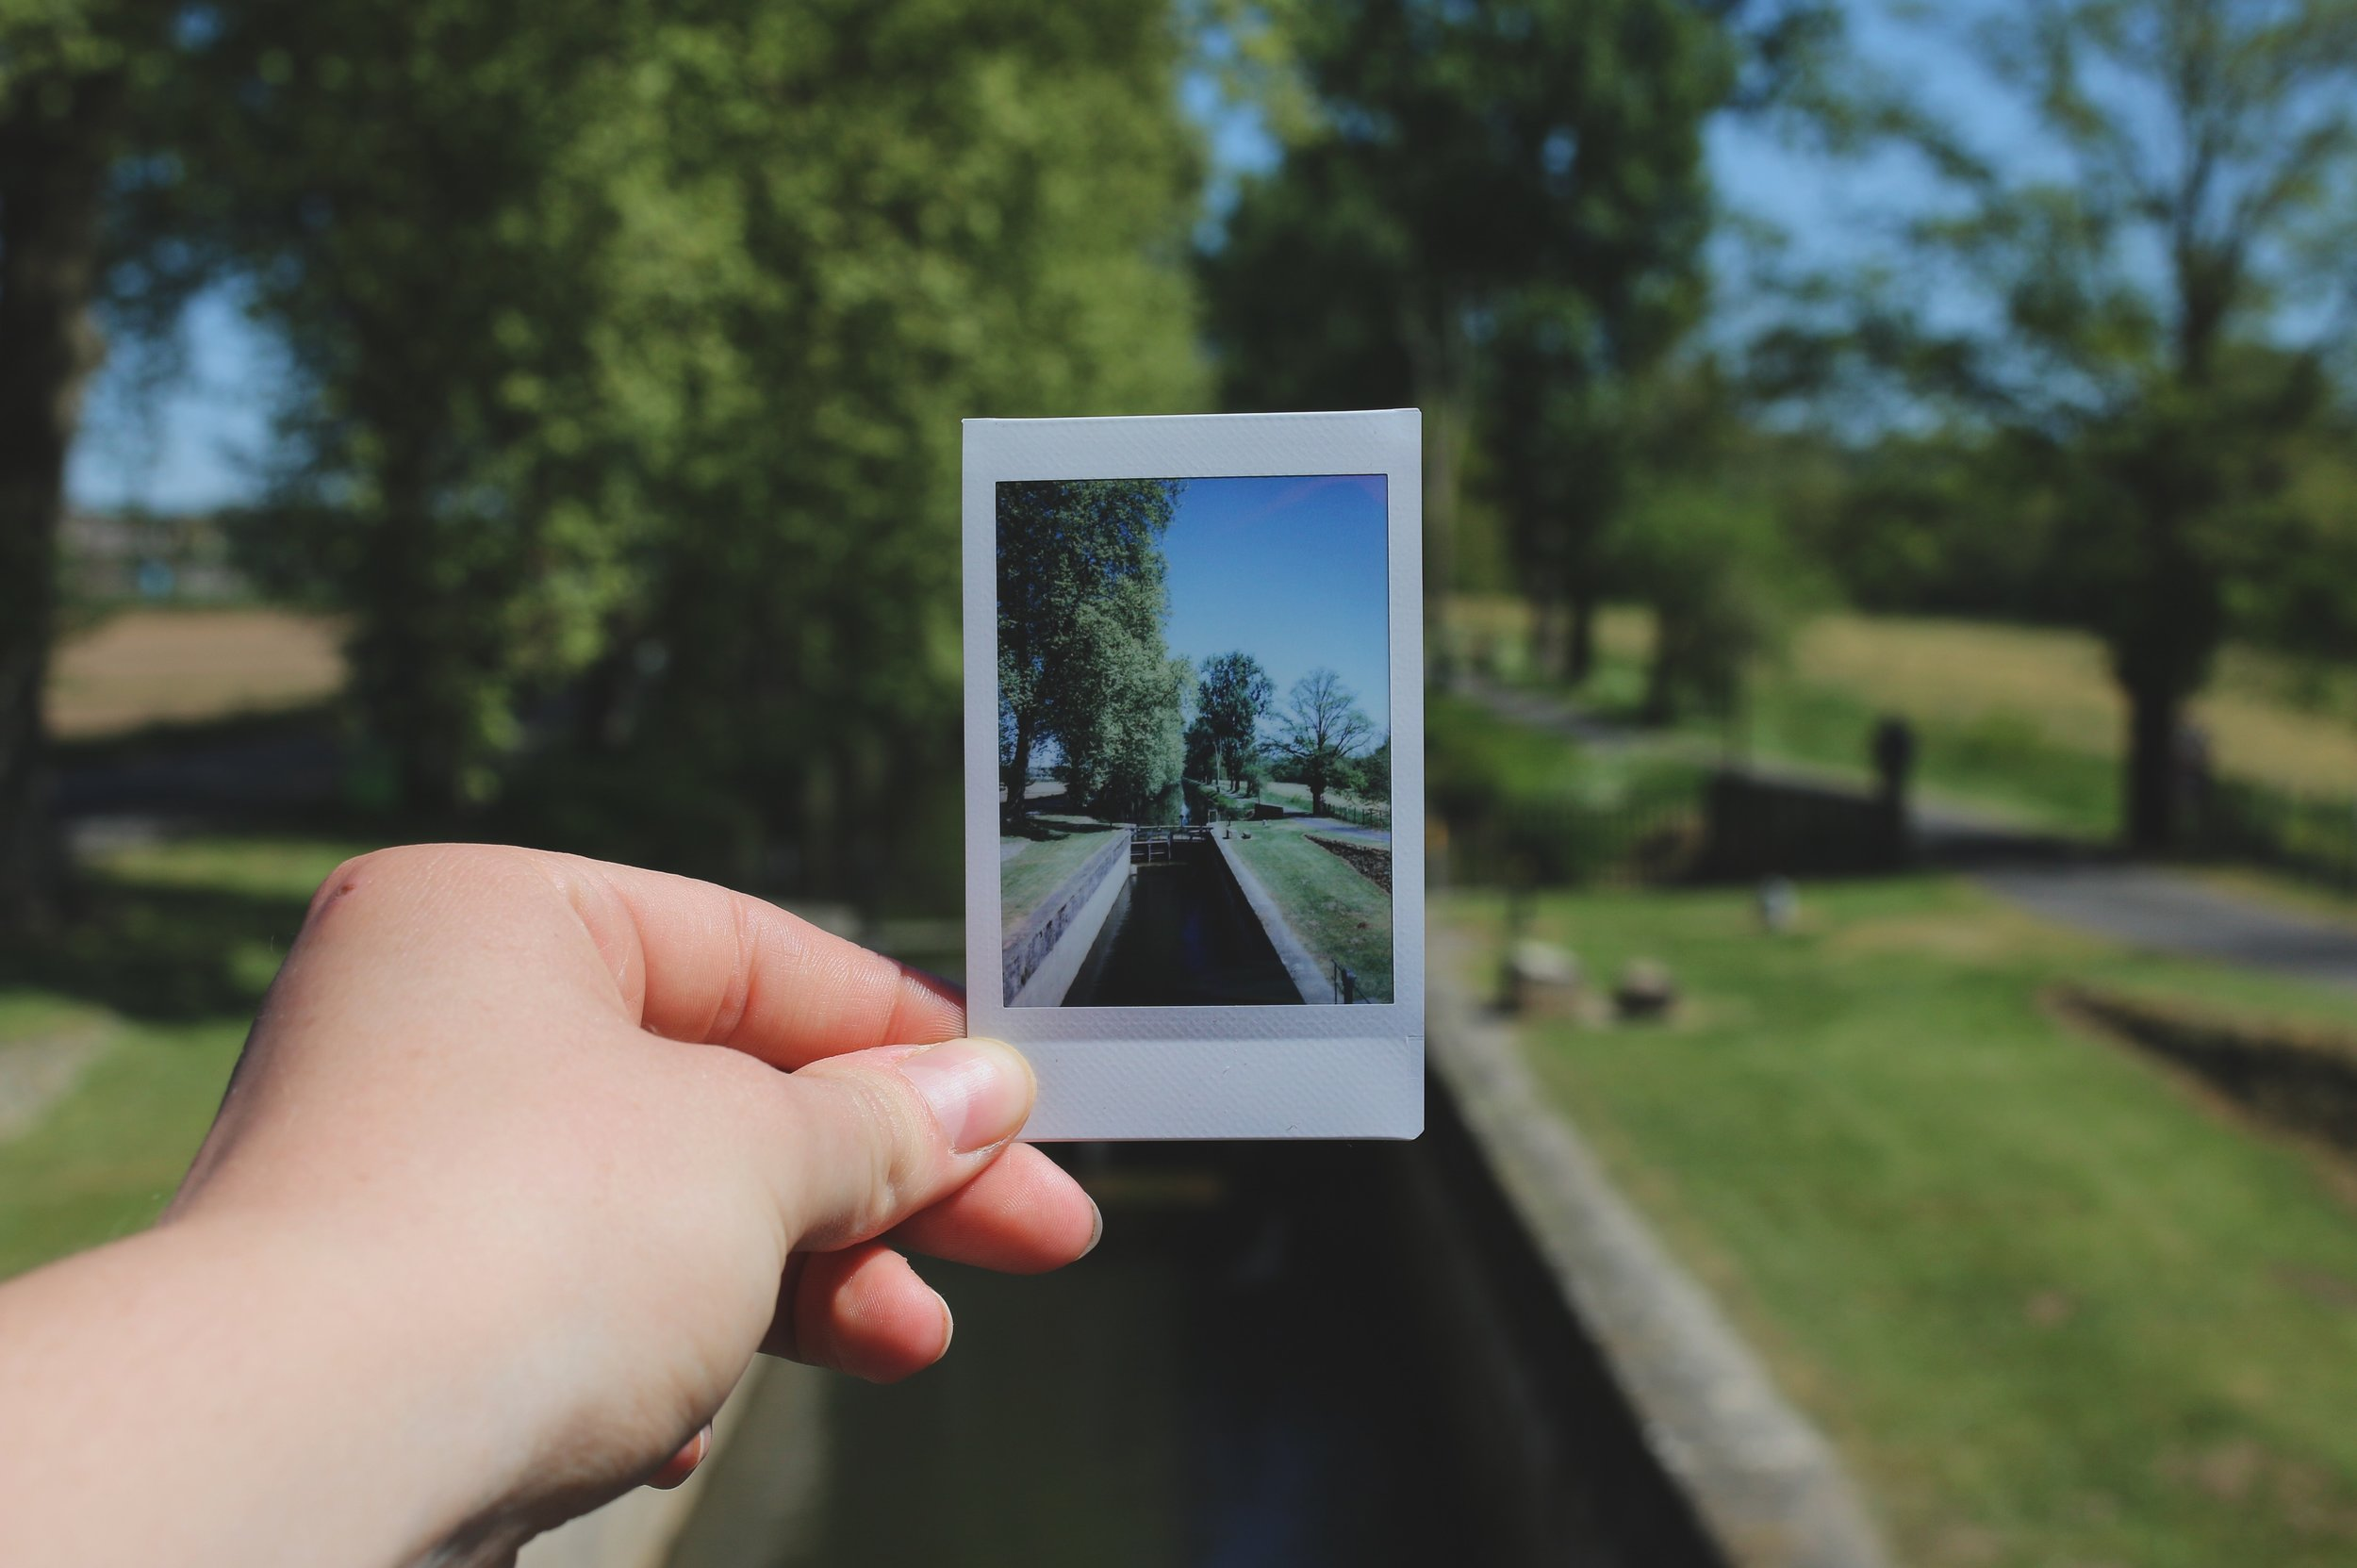 Image of hand holding Polaroid photo of landscape scene